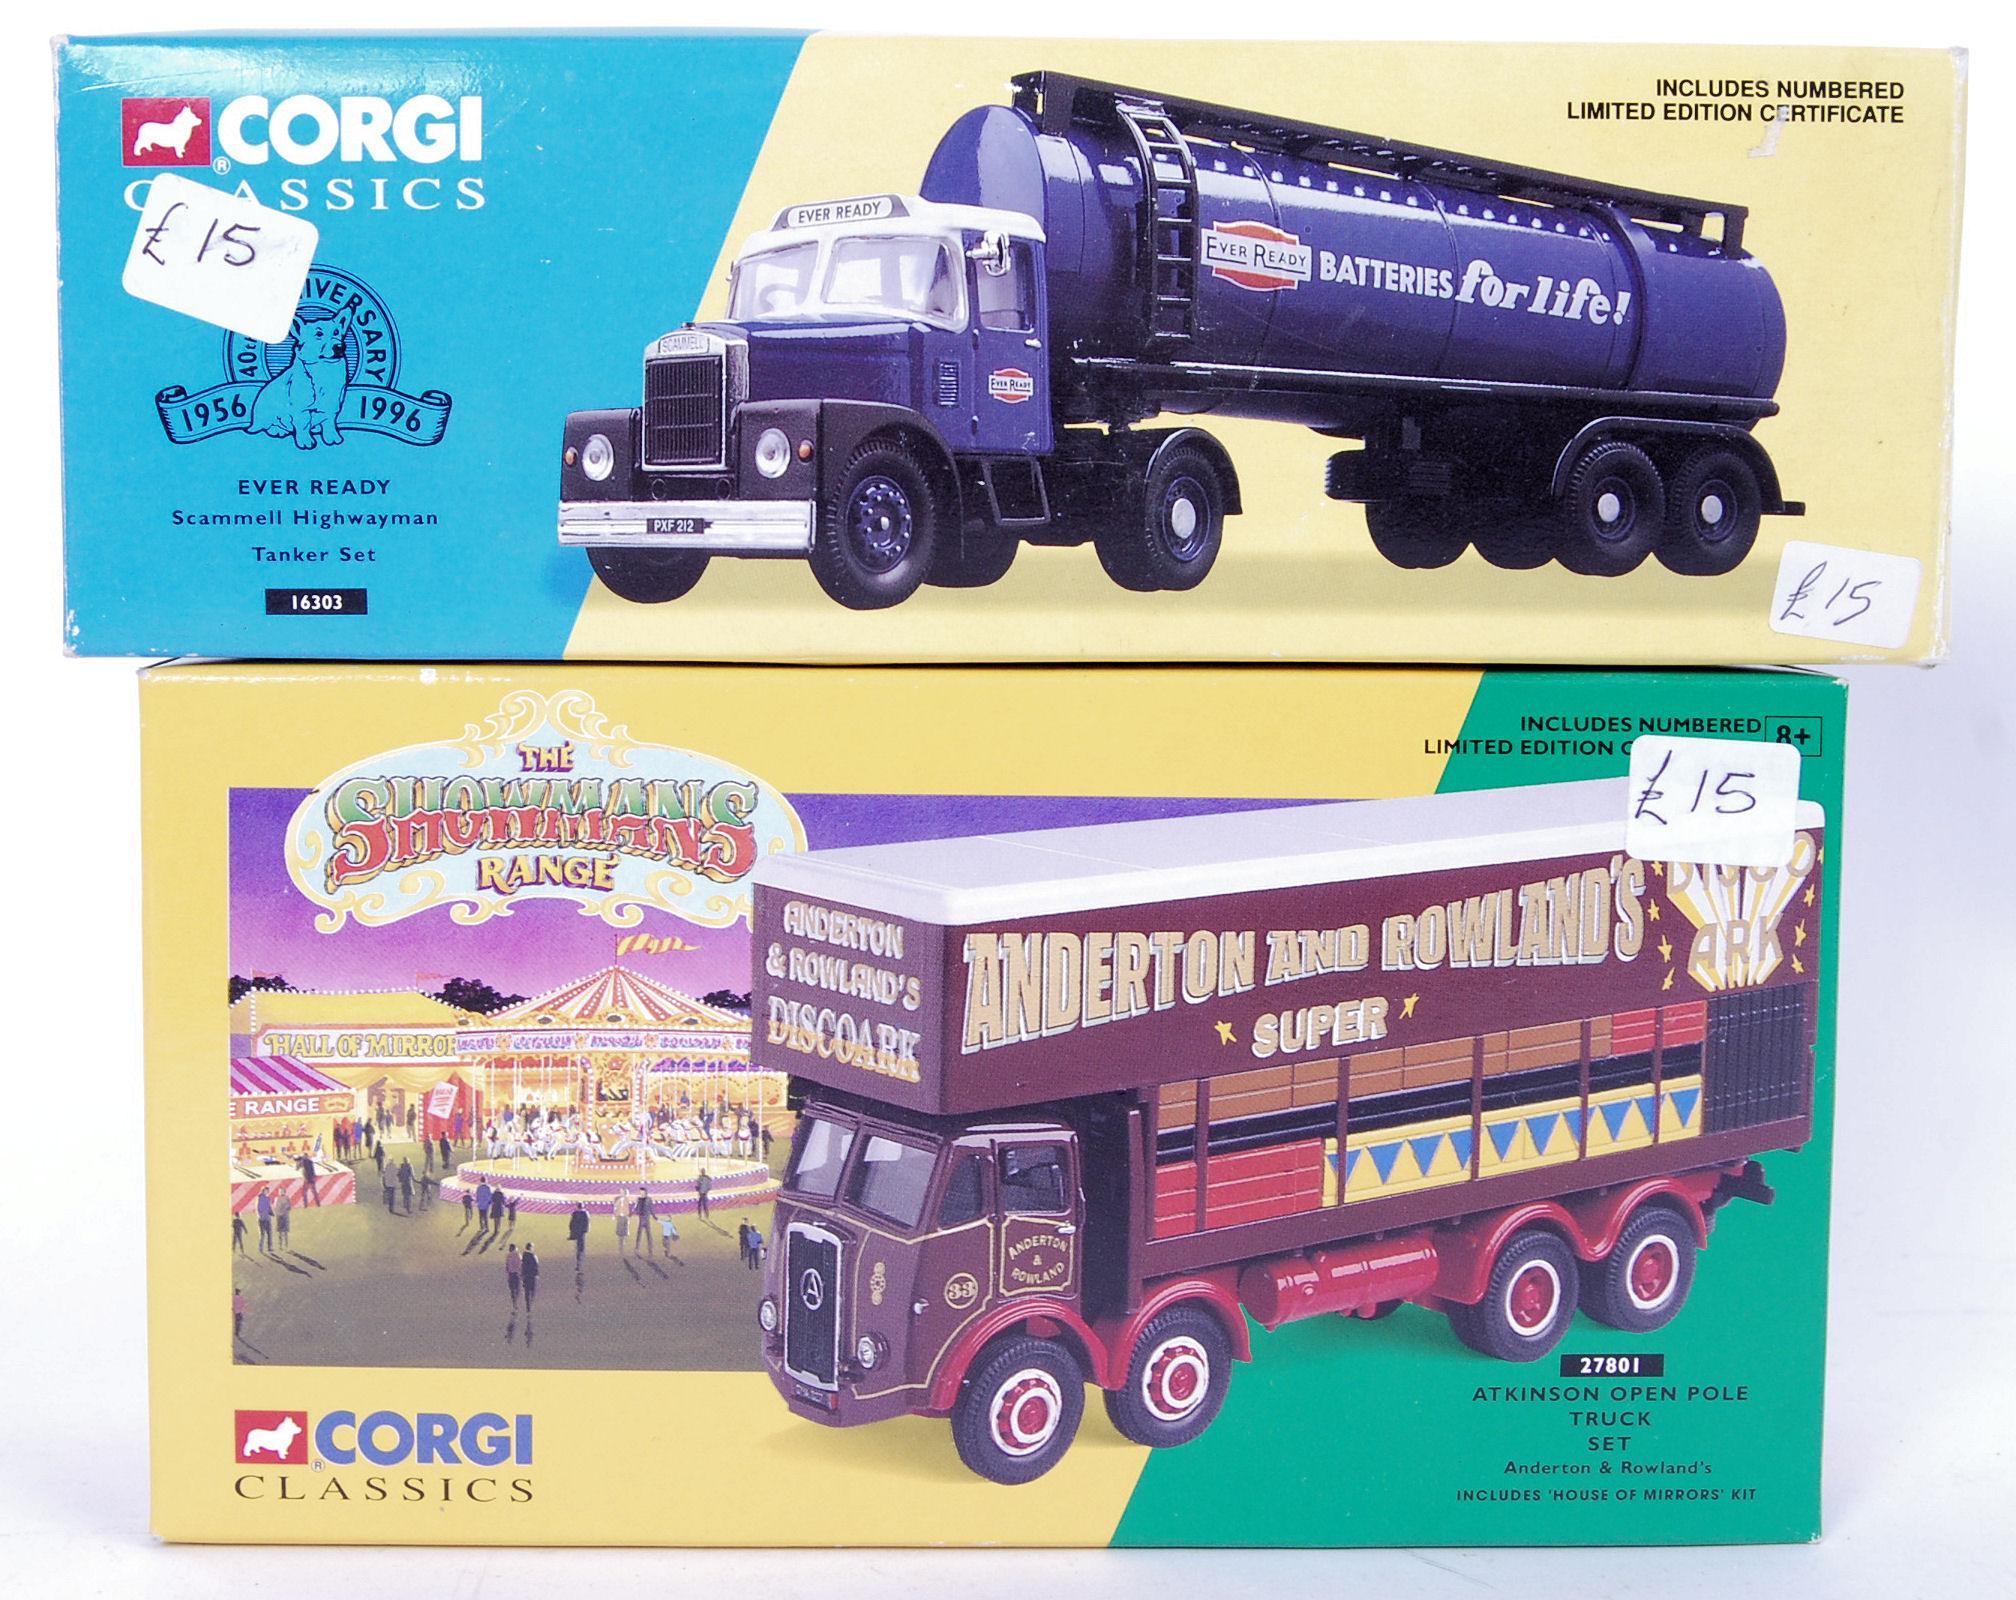 Lot 4 - CORGI CLASSICS